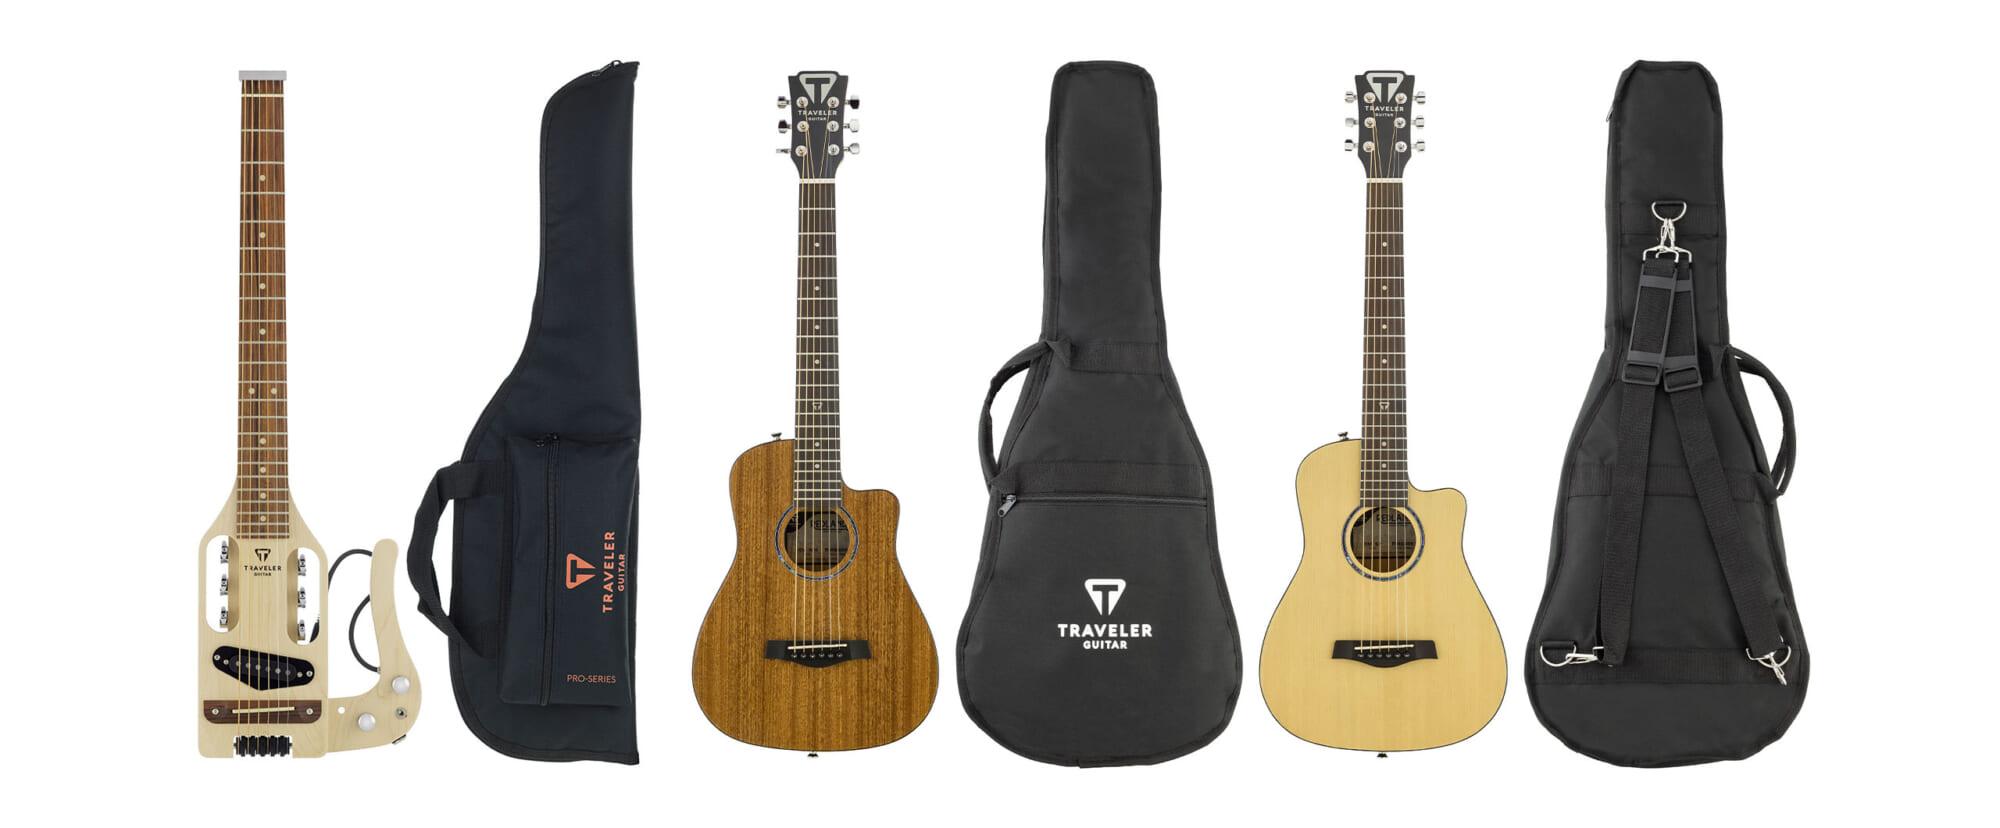 コンパクトで軽量、携帯性に優れたトラベラー・ギターのニュー・モデル